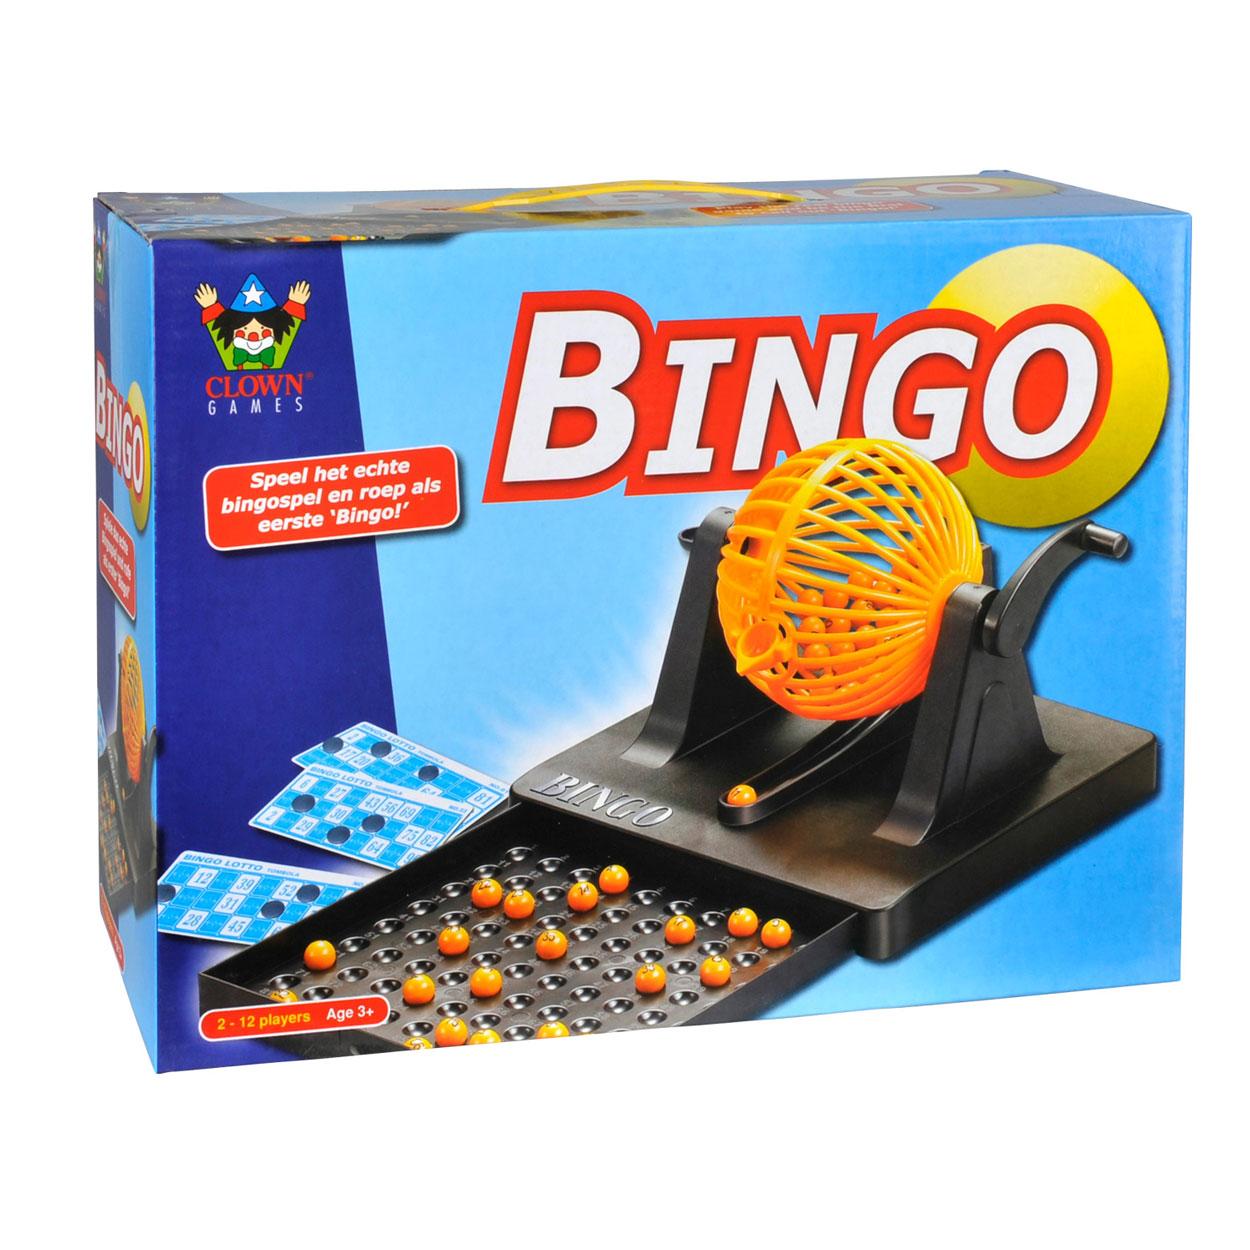 Bingomolen Online